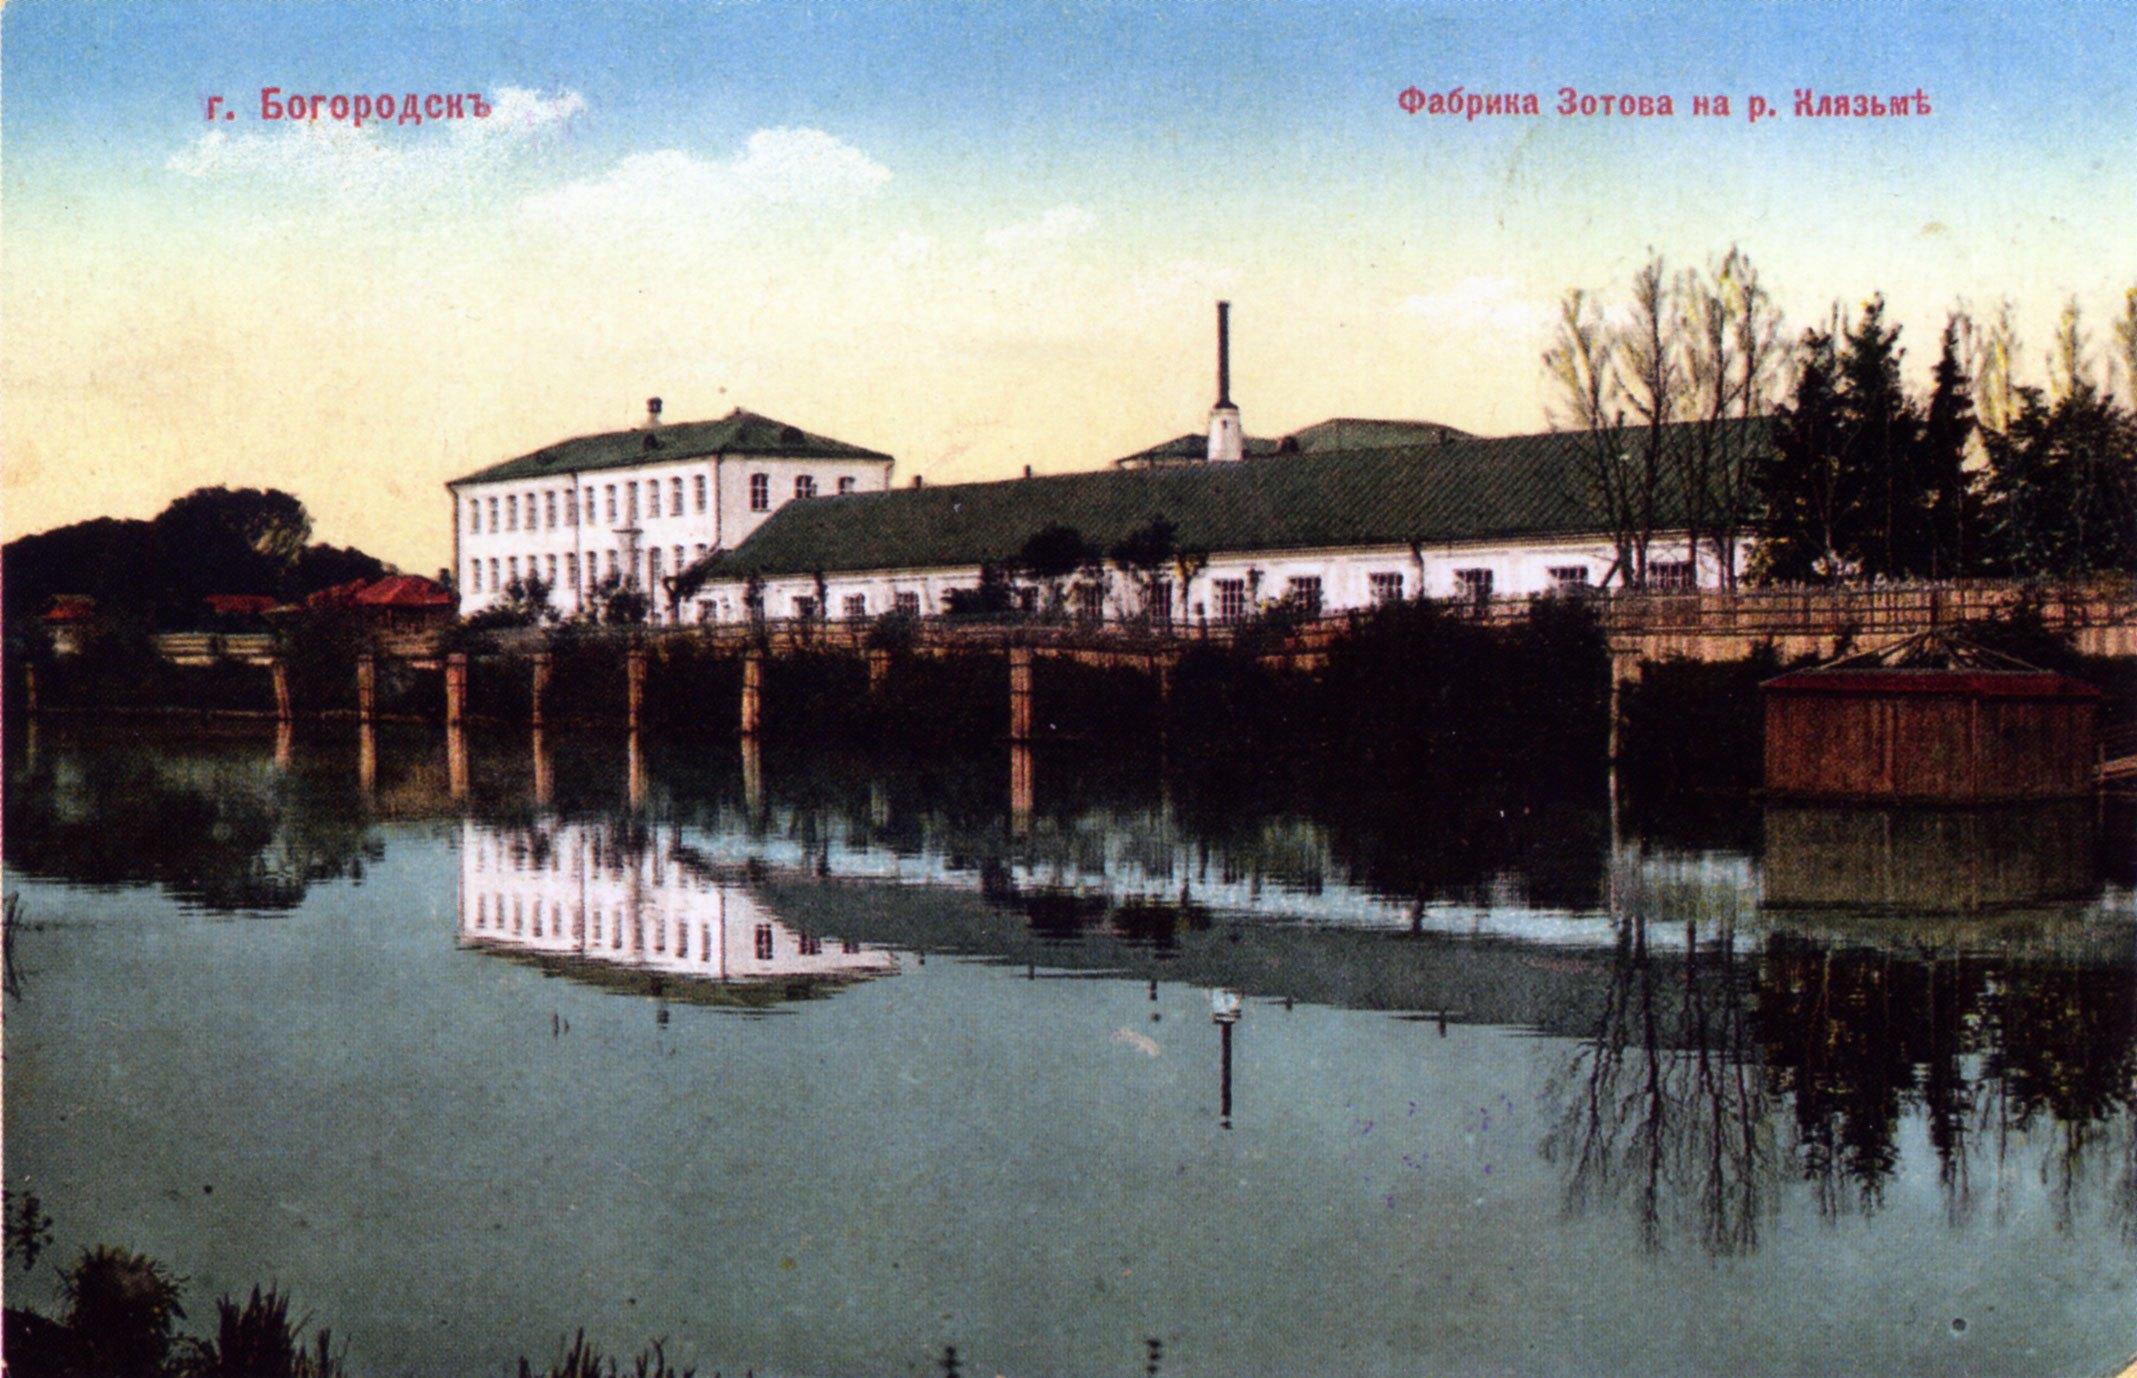 Шелковая фабрика Петра Семеновича Зотова на Клязьме